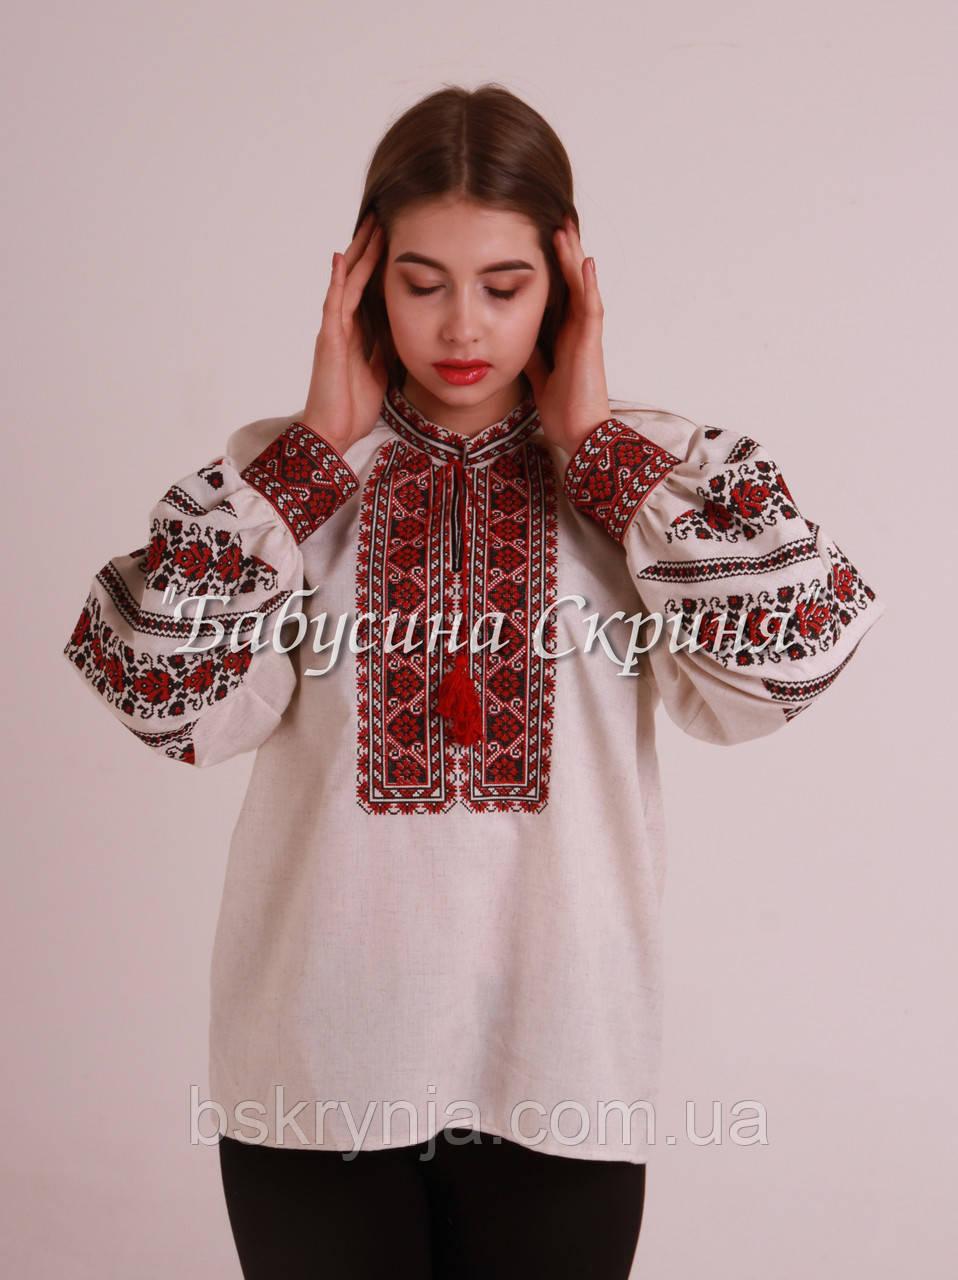 Заготовка Борщівської жіночої сорочки для вишивки нитками бісером БС-108 - Інтернет  магазин